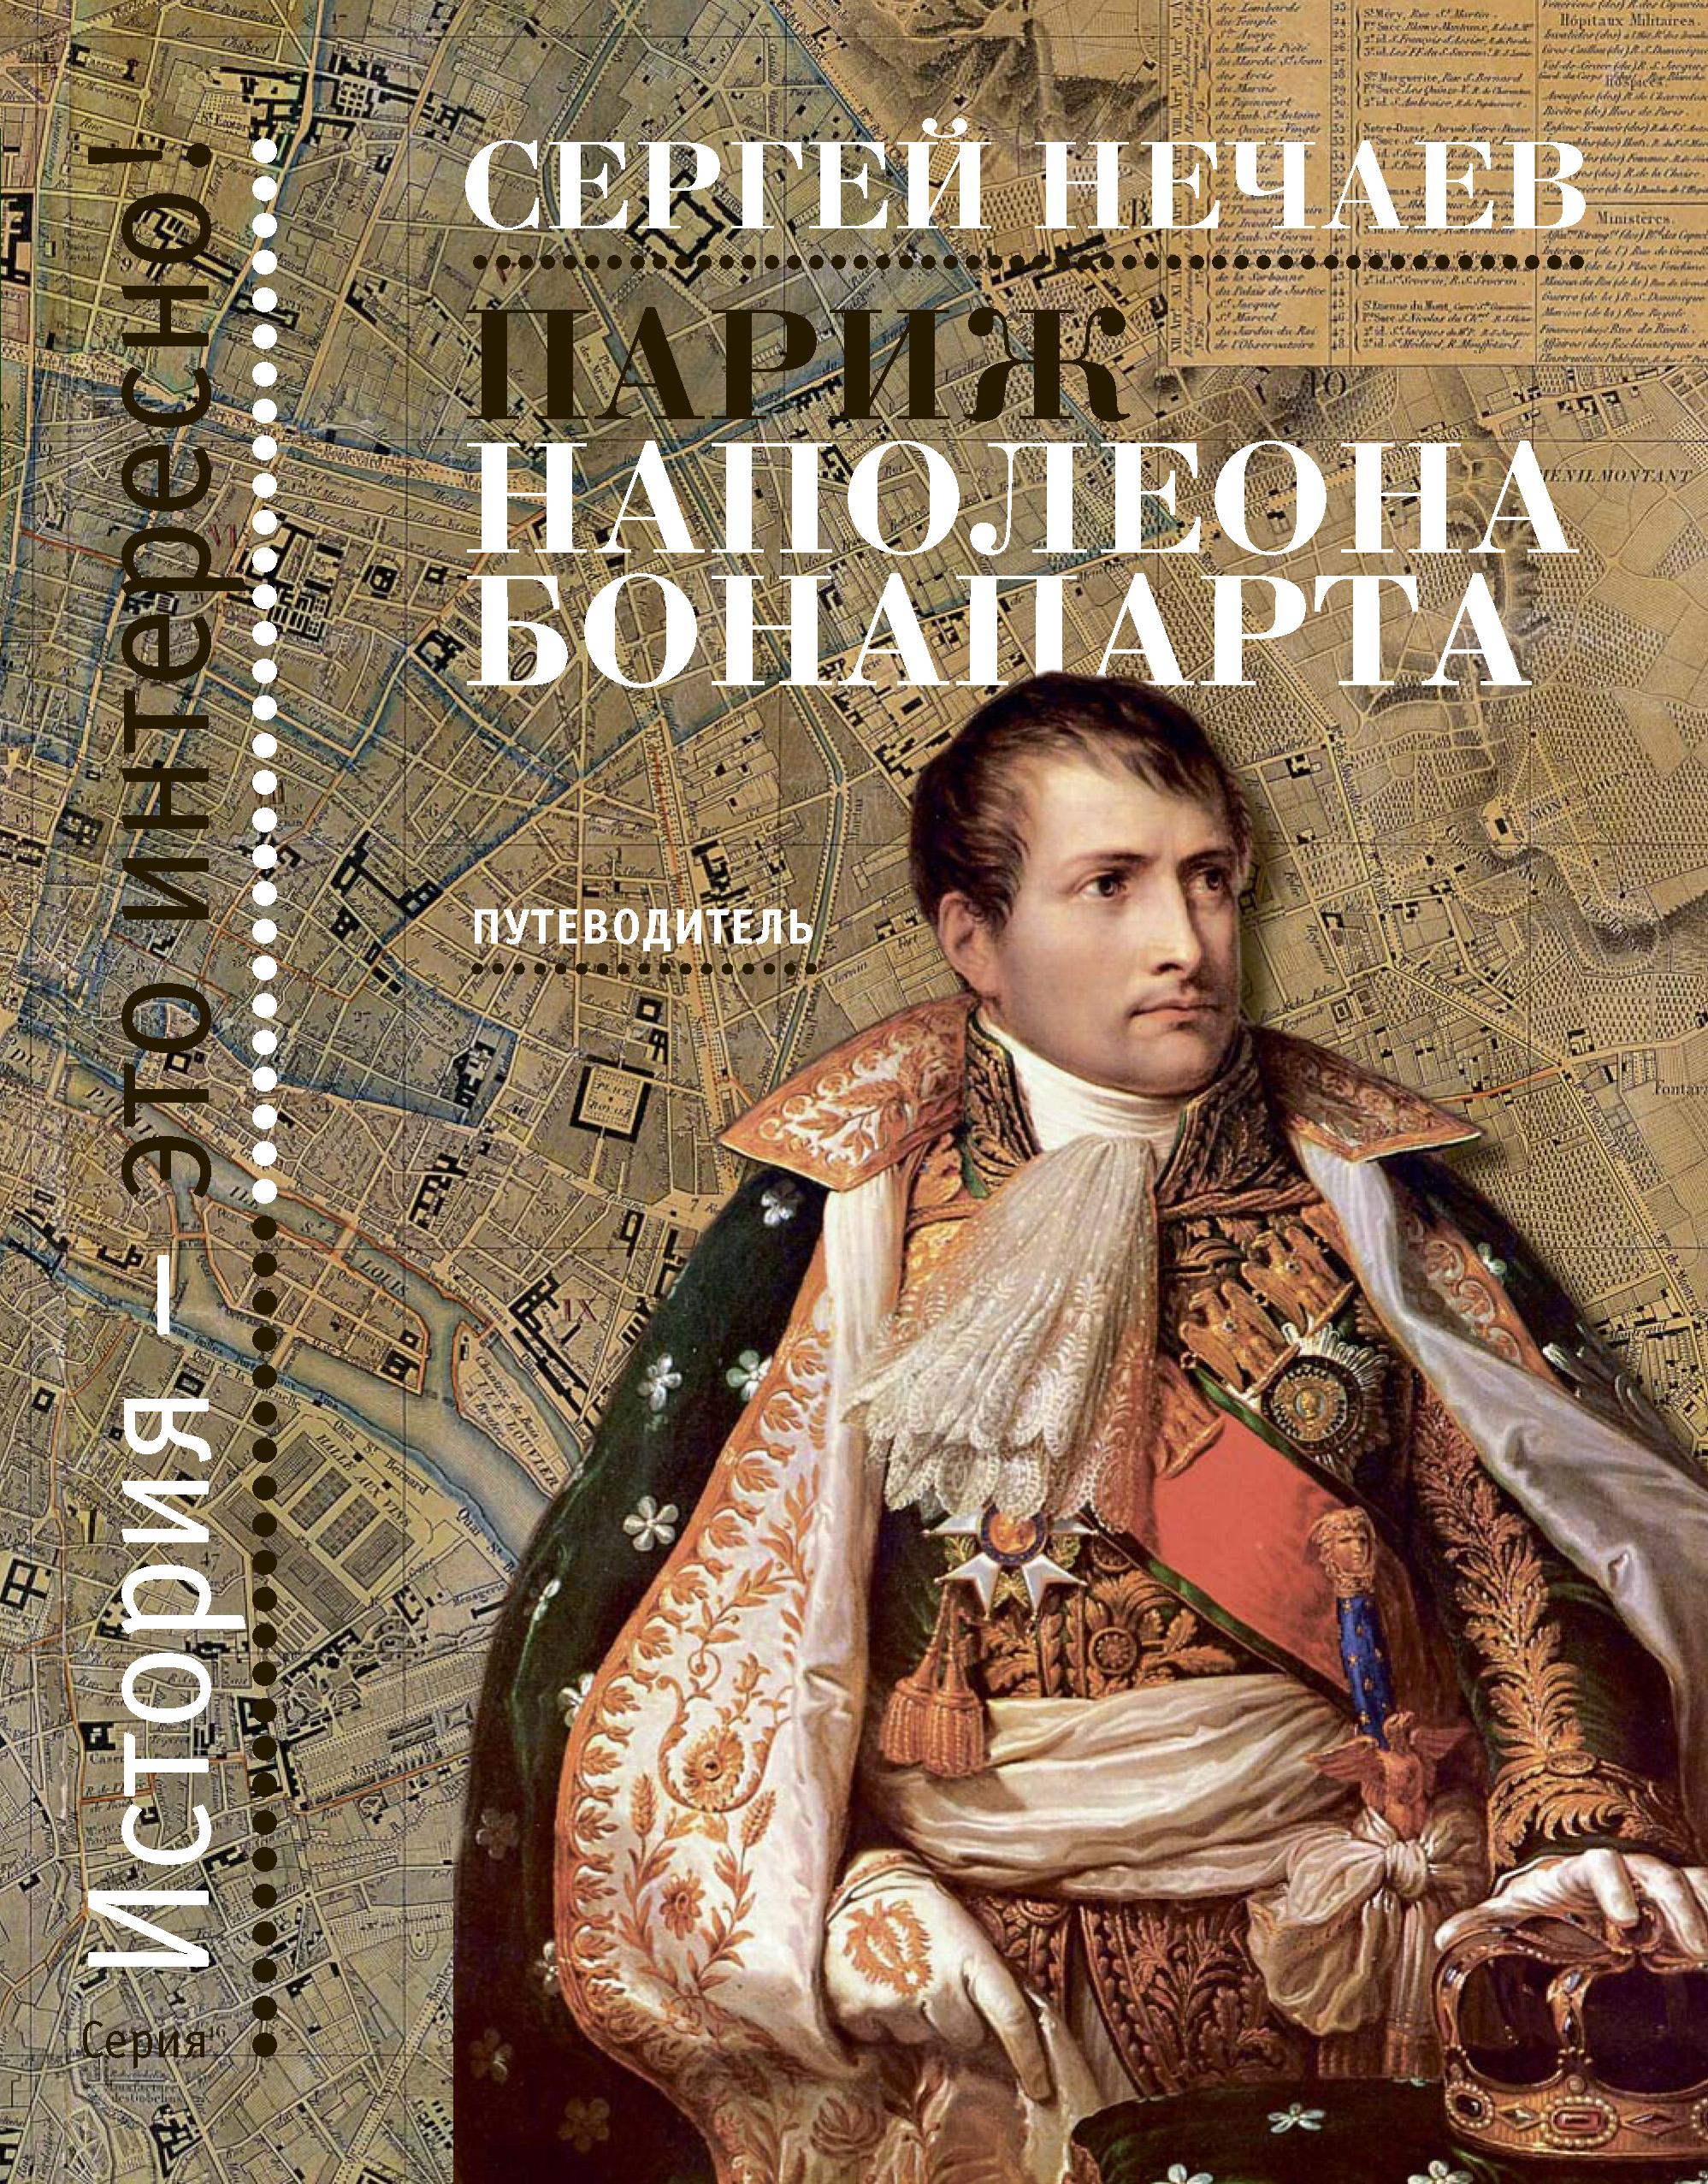 Сергей Нечаев Париж Наполеона Бонапарта. Путеводитель